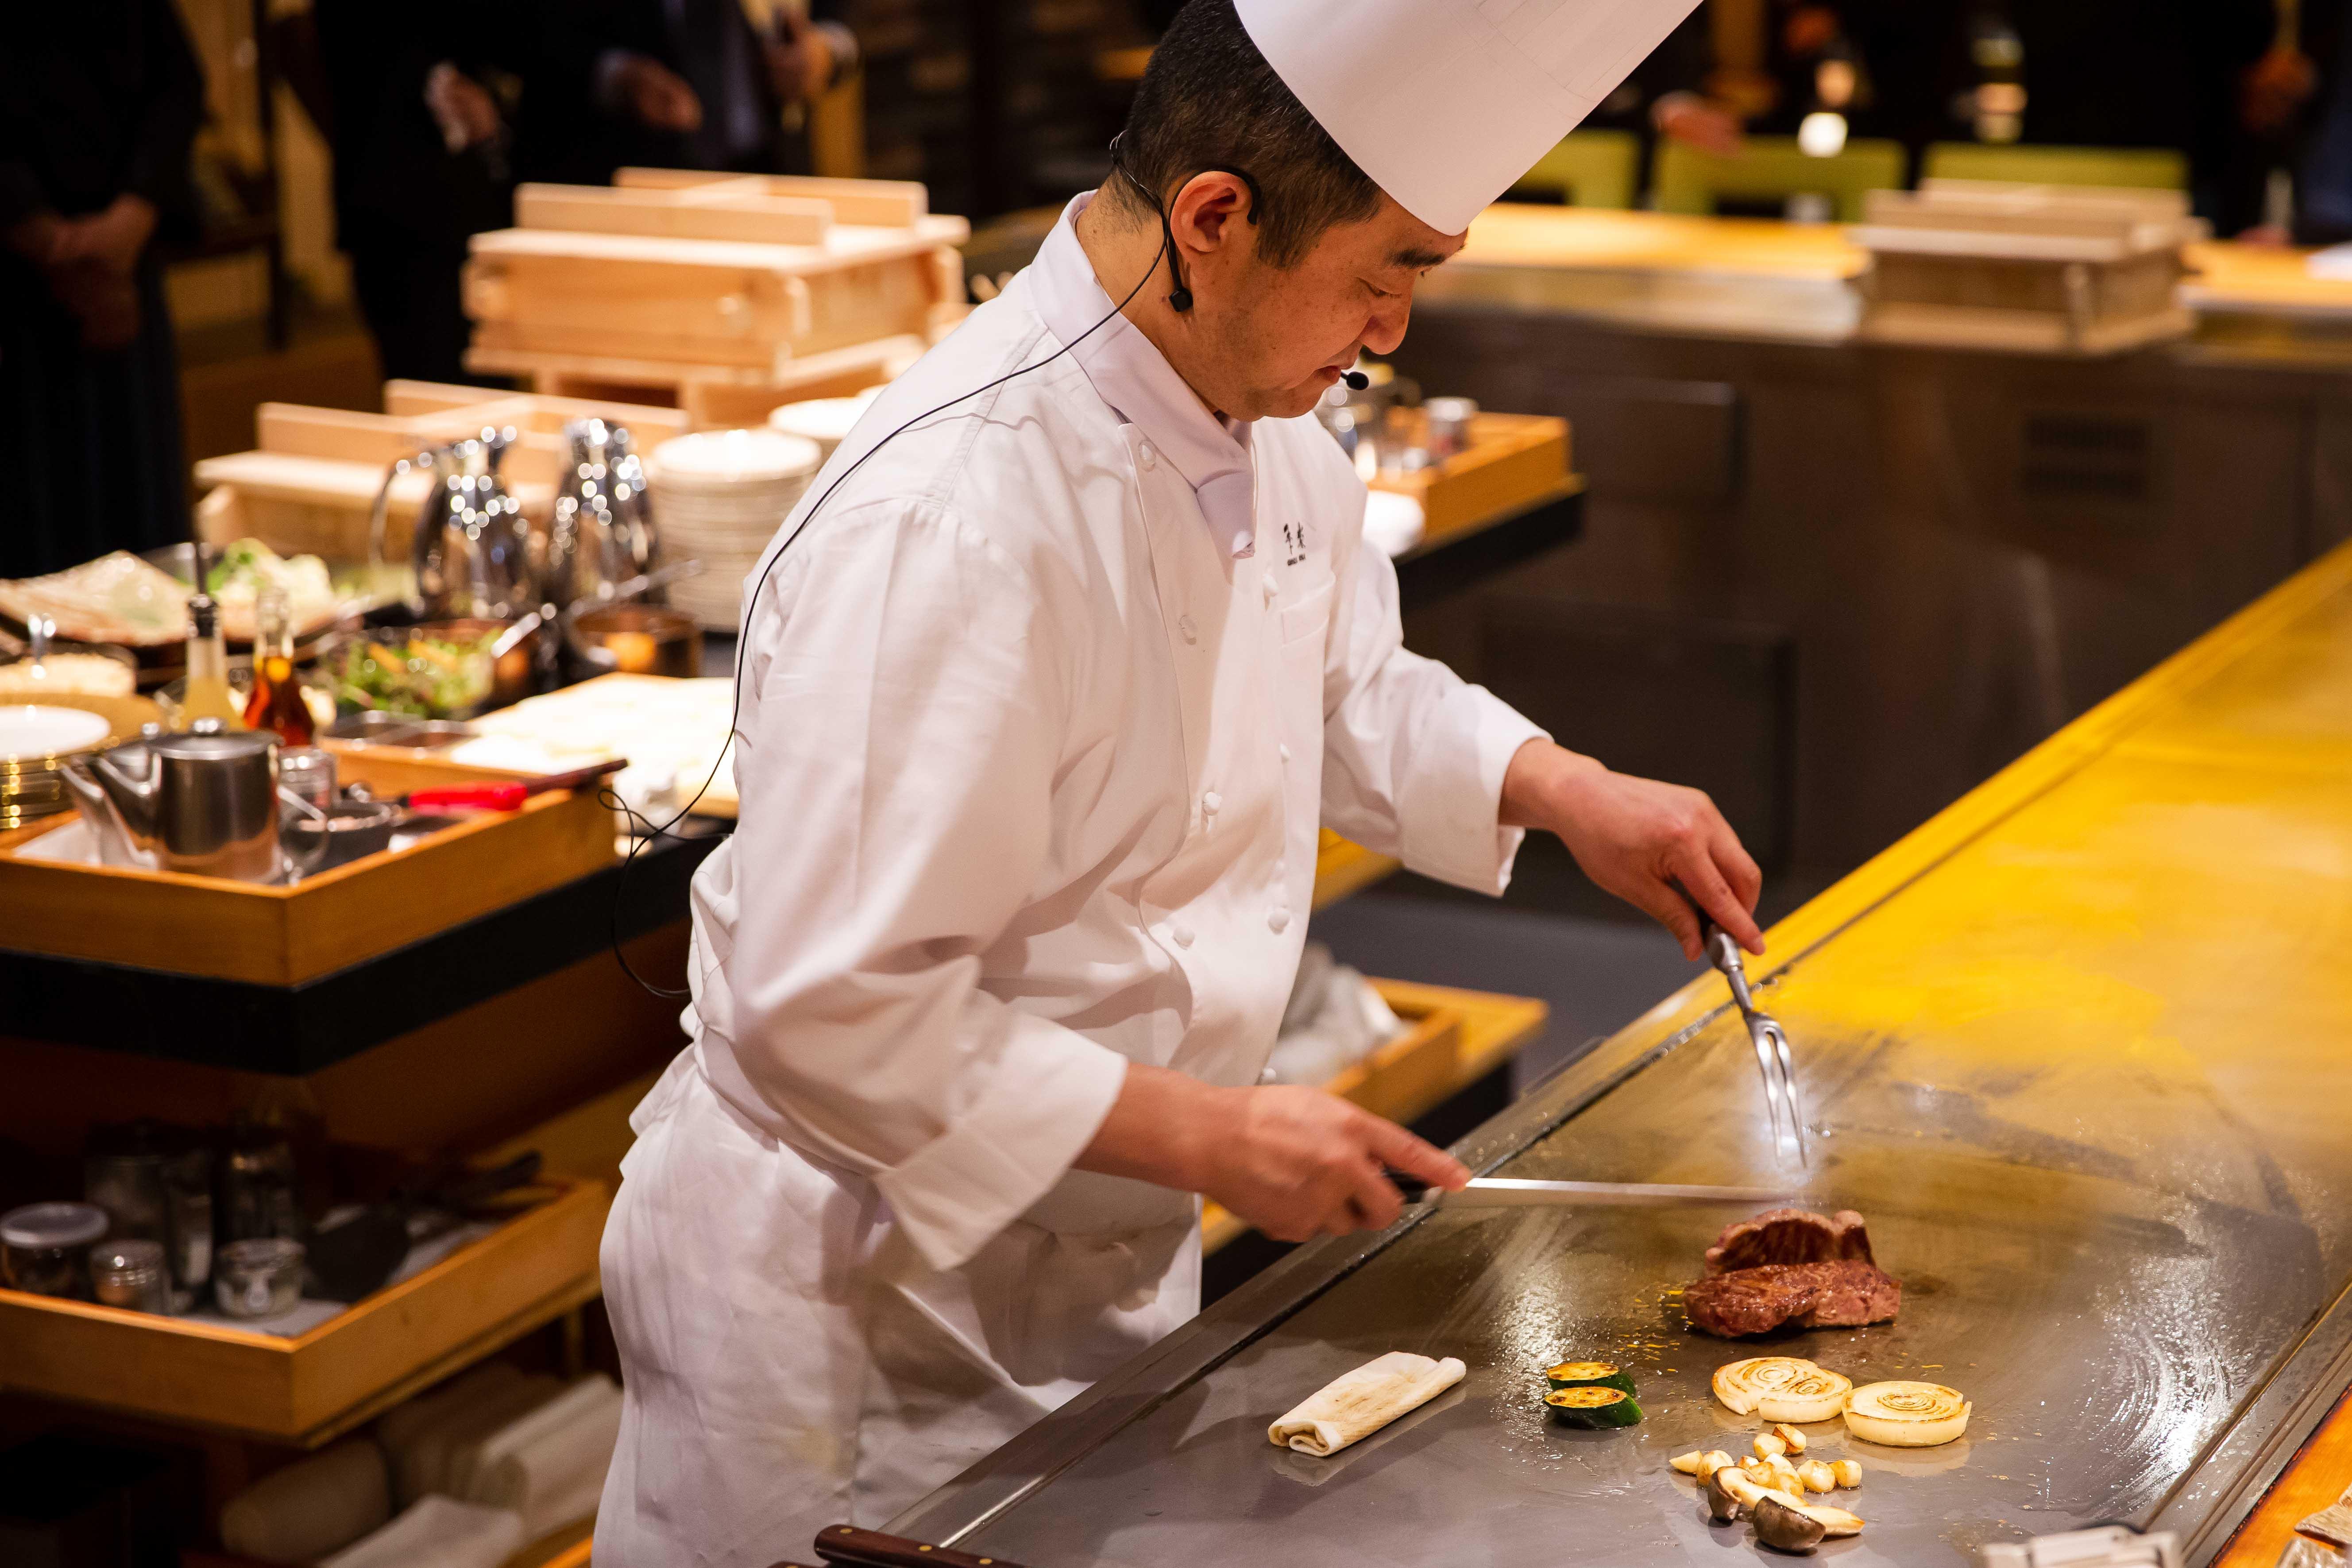 台北美福大飯店 佐賀和牛宴記者會 鐵板套餐主菜 下山昭男總料理長 料理示範2